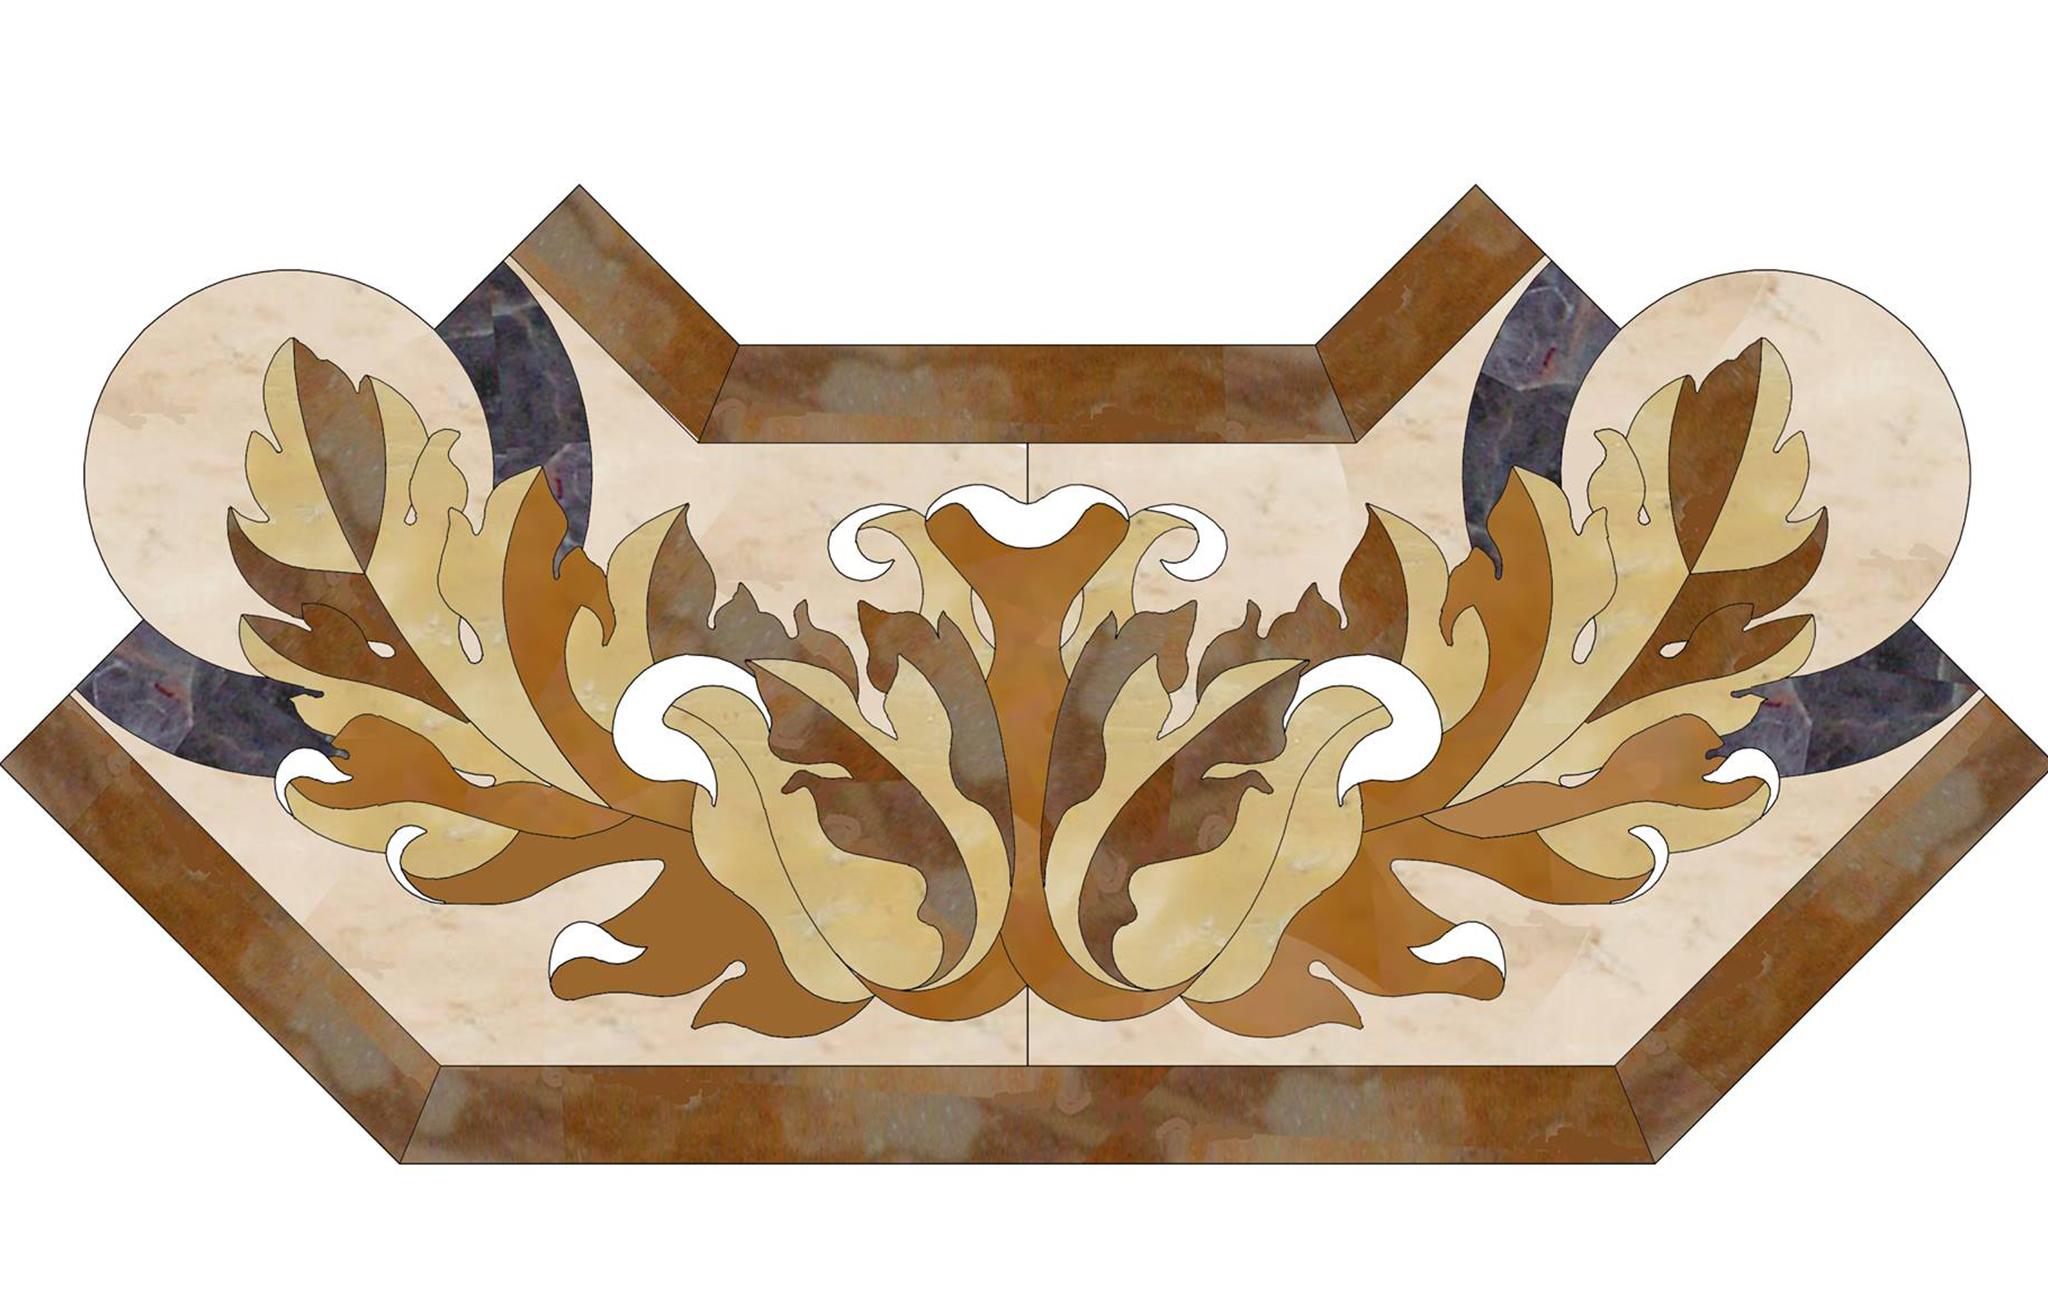 Pavimenti di marmo ad intarsio, marmi policromi - 2